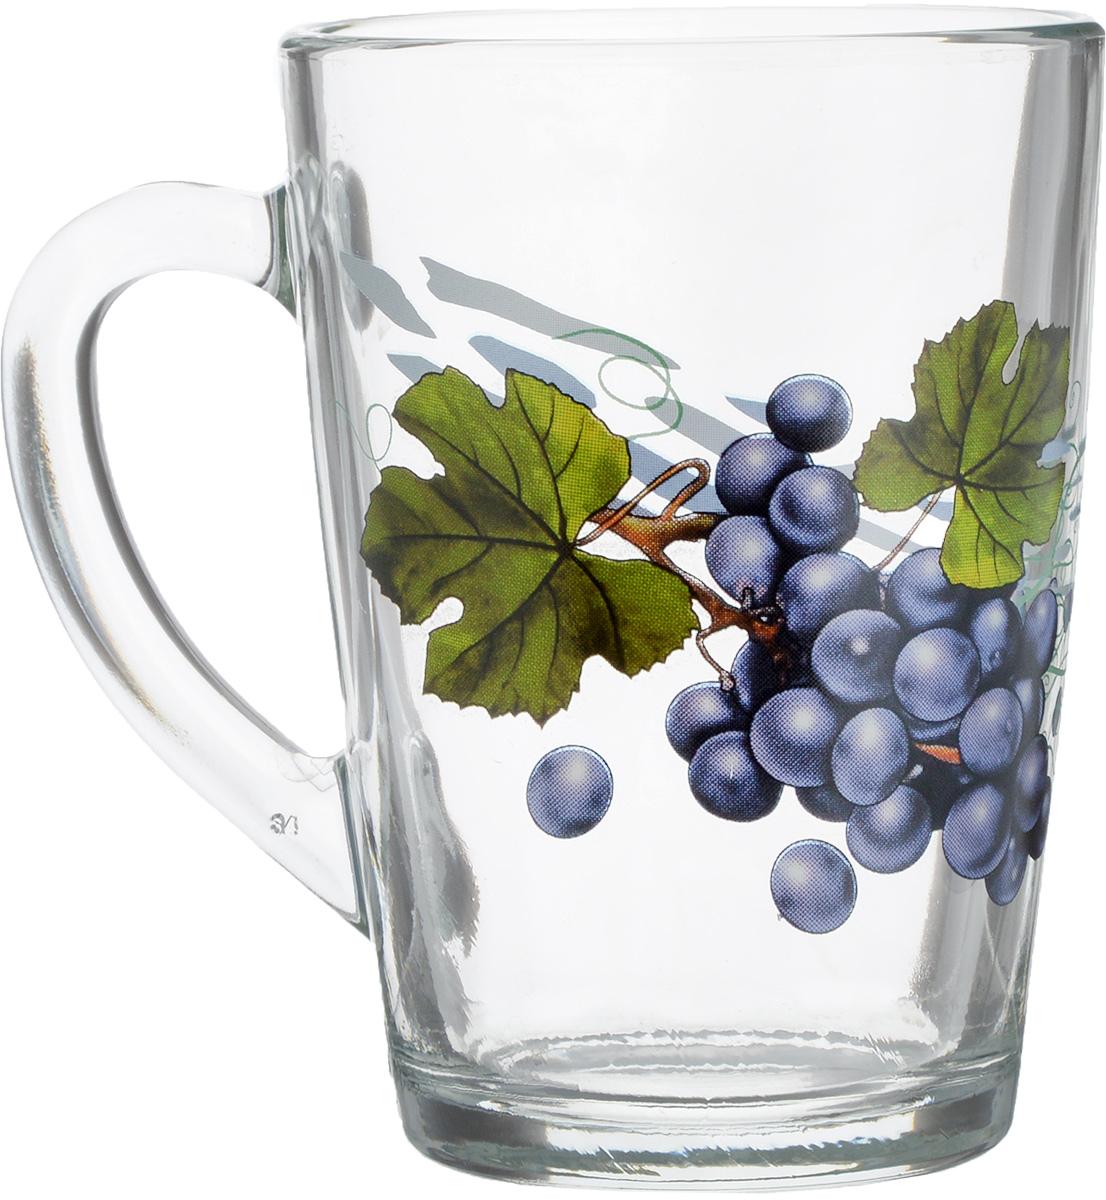 Кружка OSZ Капучино. Виноград, 300 мл. 07C1334-VN07C1334-VNКружка OSZ Капучино.Виноград, выполненная из стекла, украшена изображением грозди винограда. Изделие оснащено эргономичной ручкой. Кружка сочетает в себе оригинальный дизайн и функциональность. Она согреет вас долгими холодными вечерами. Диаметр кружки (по верхнему краю): 8 см. Высота кружки: 11 см.Объем: 300 мл.